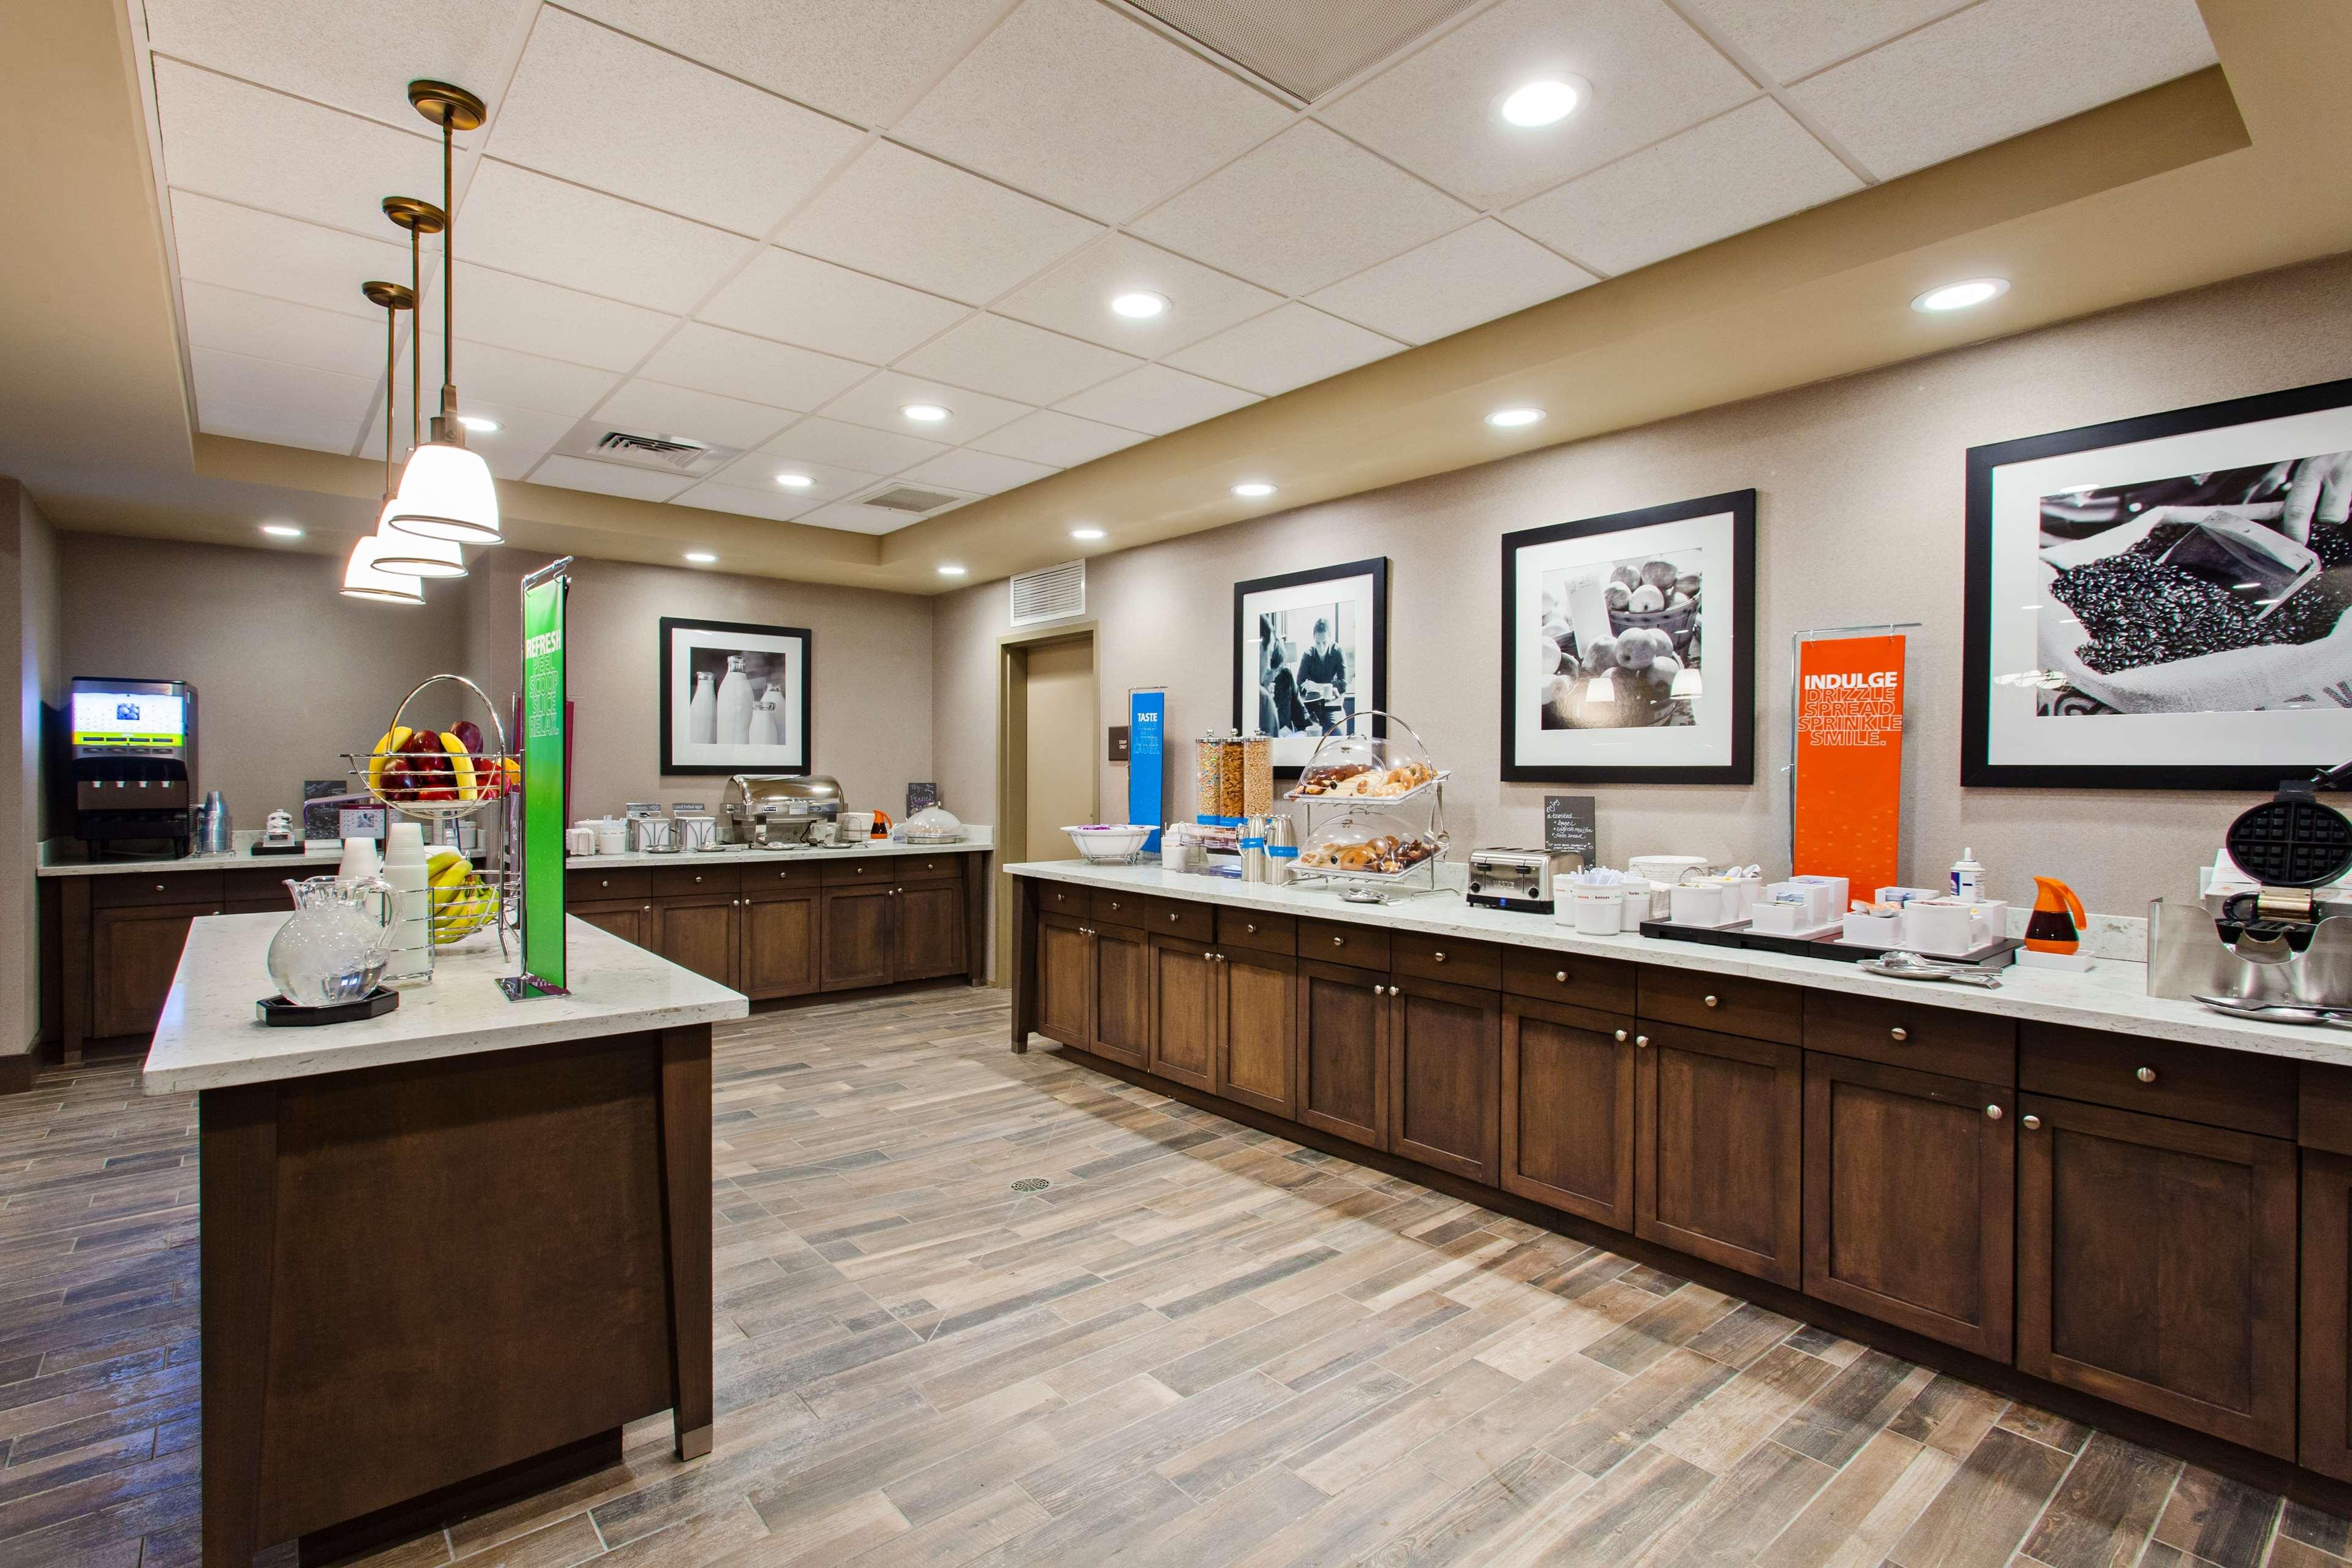 Hampton Inn & Suites Leavenworth image 13